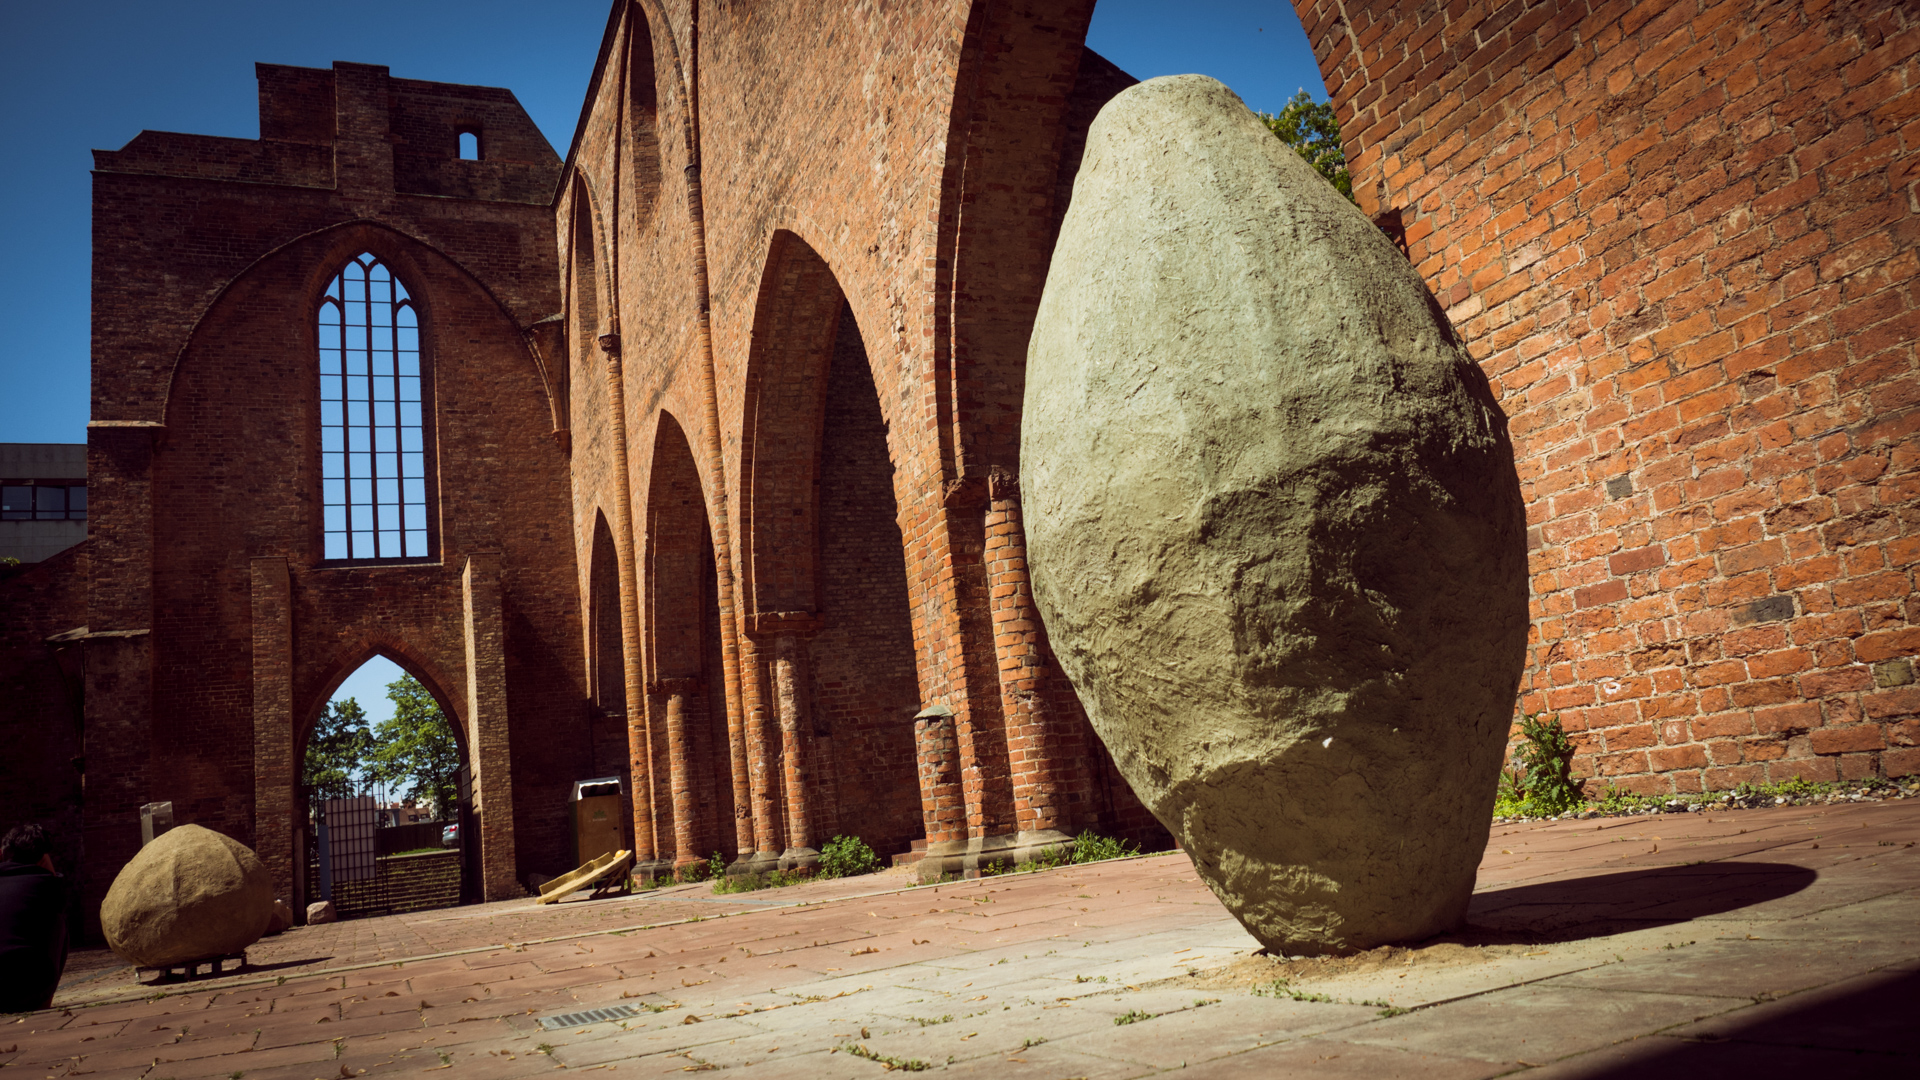 Schlammskulptur in der Klosterruine